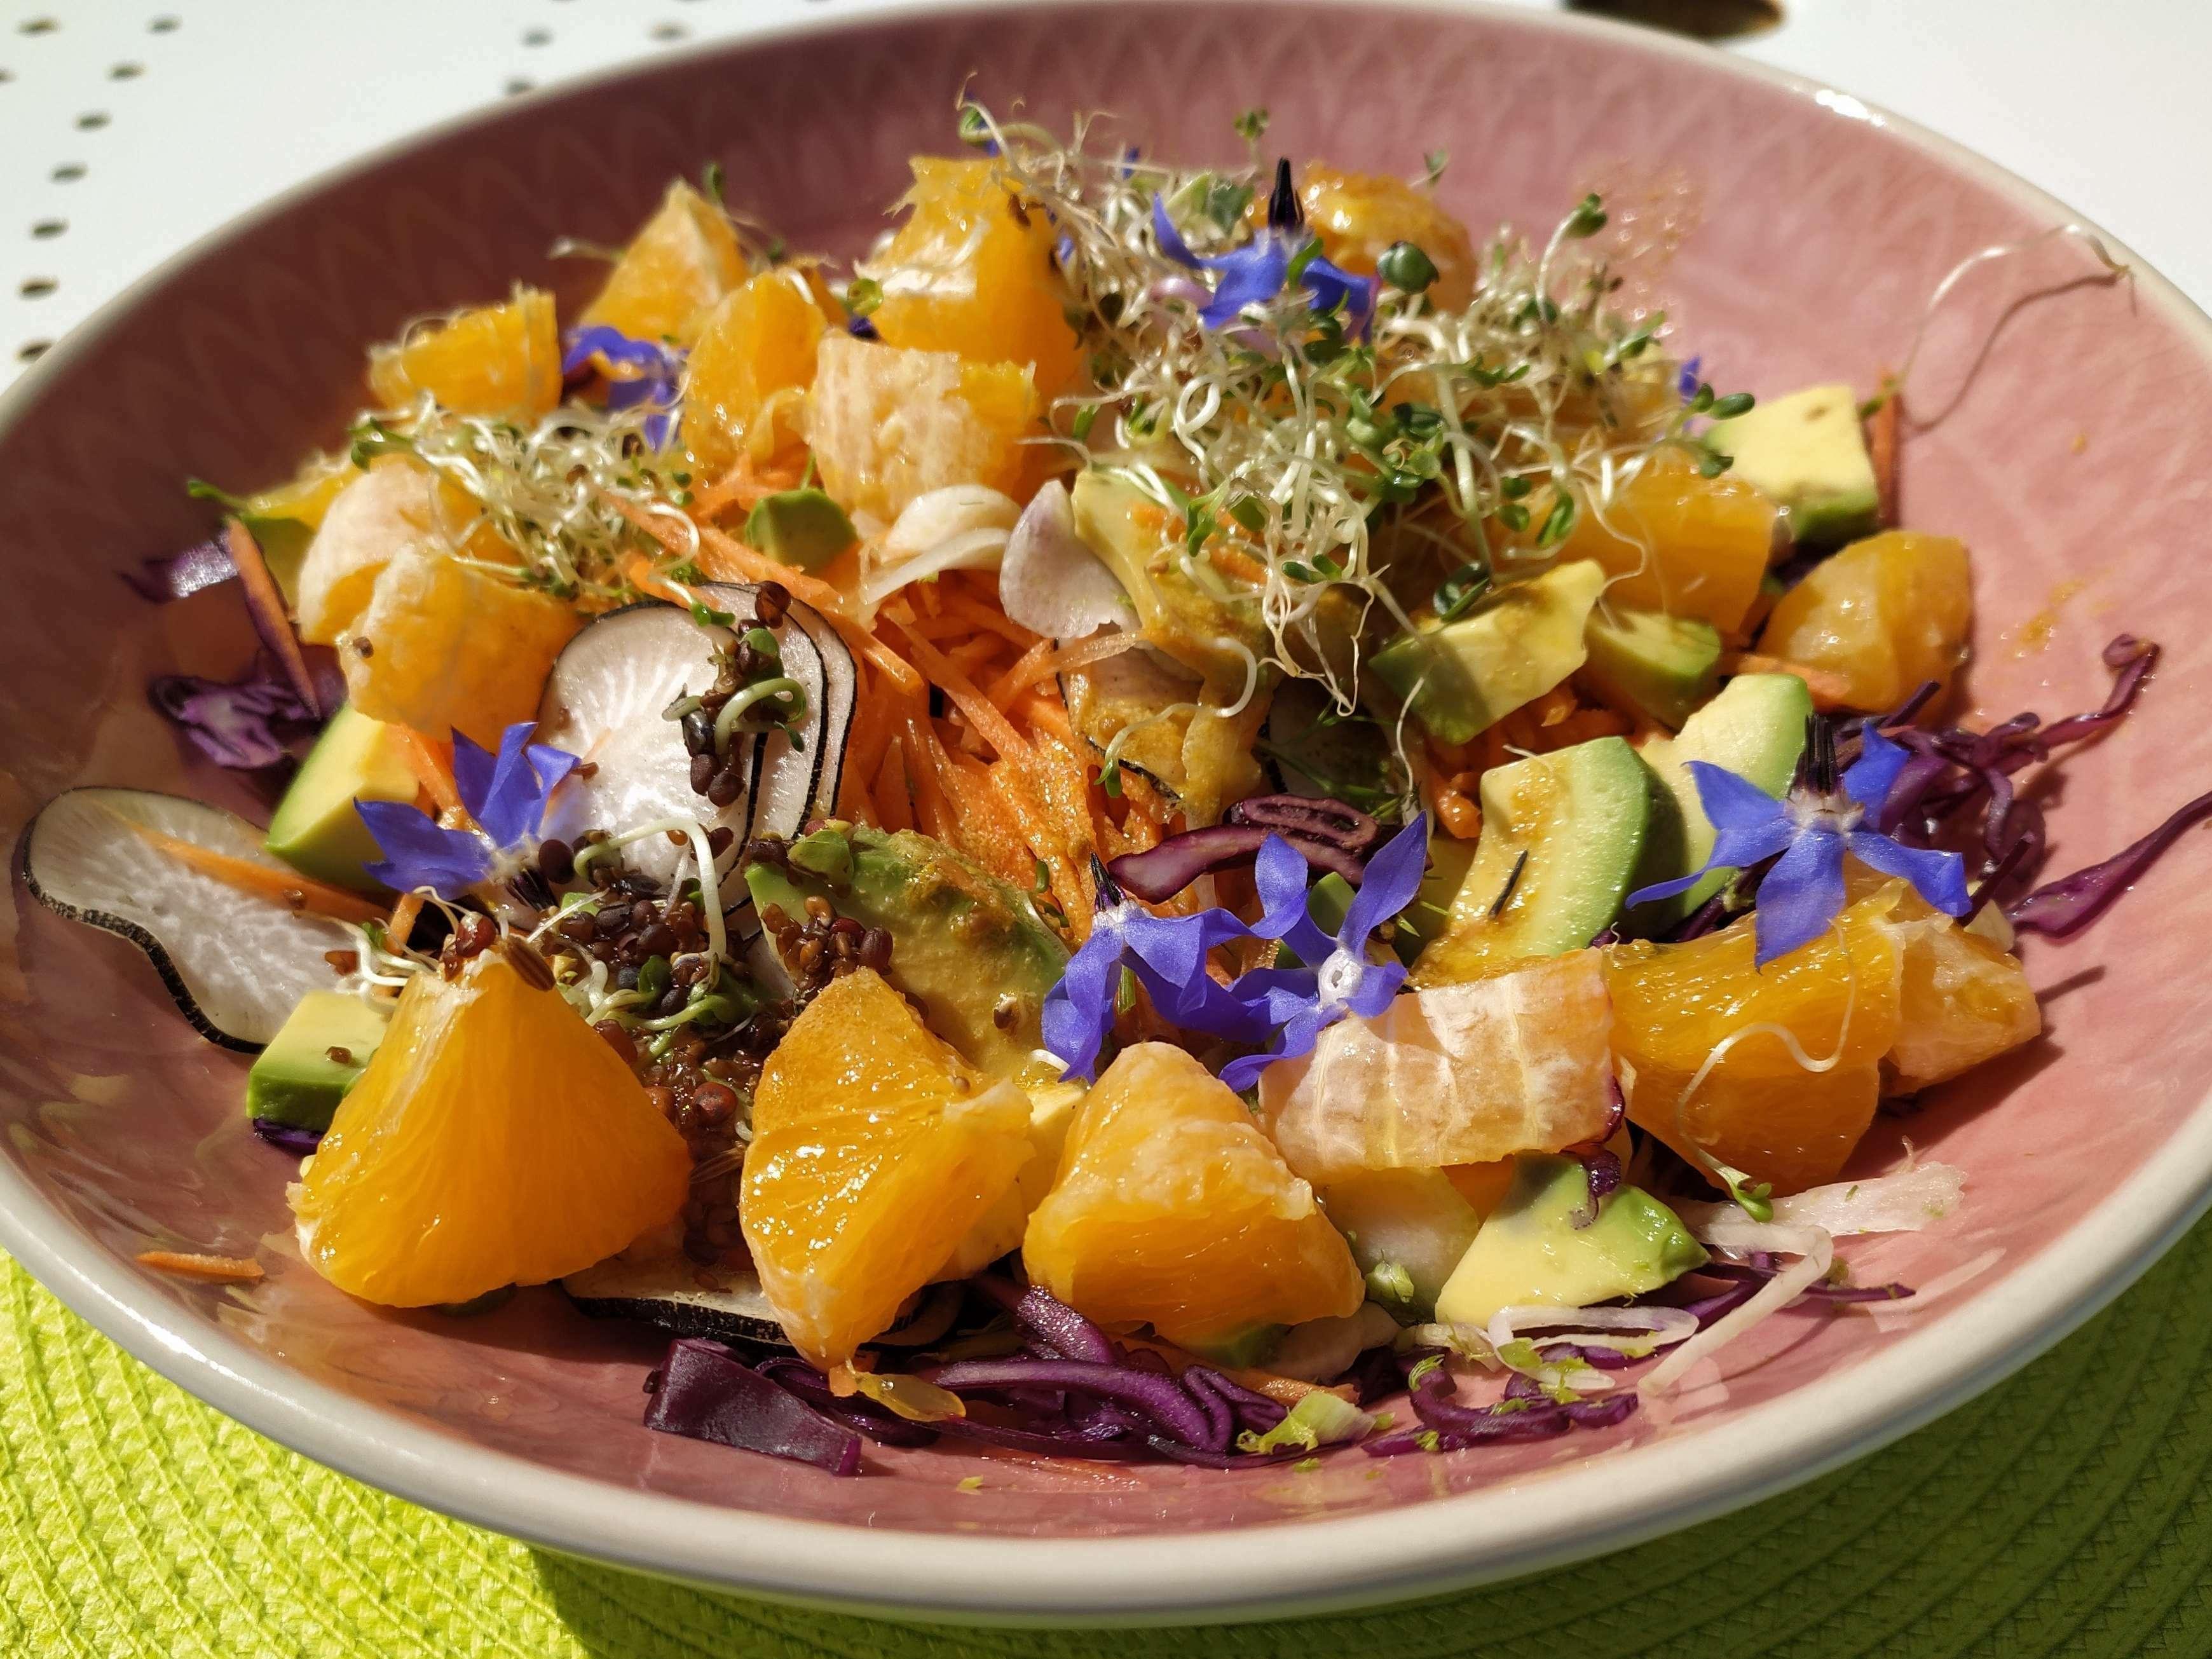 Salade de chou rouge, avocat, orange, graines germées, fleurs de bourrache ...